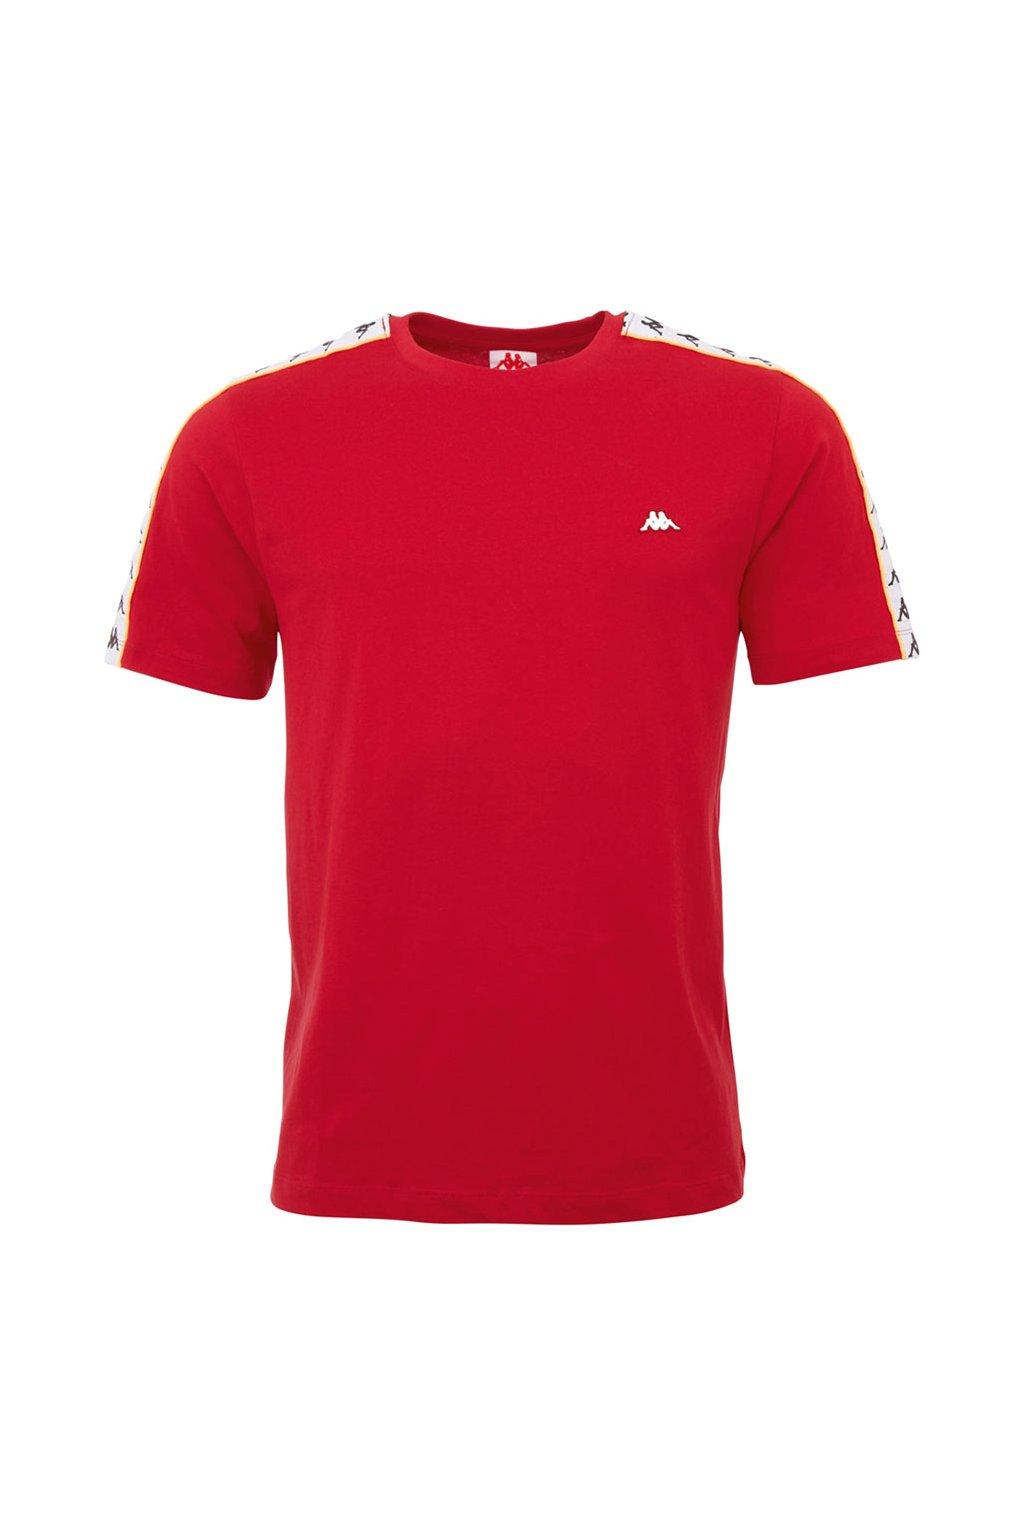 Pánske tričko Kappa Hanno červené 308011 19-1863